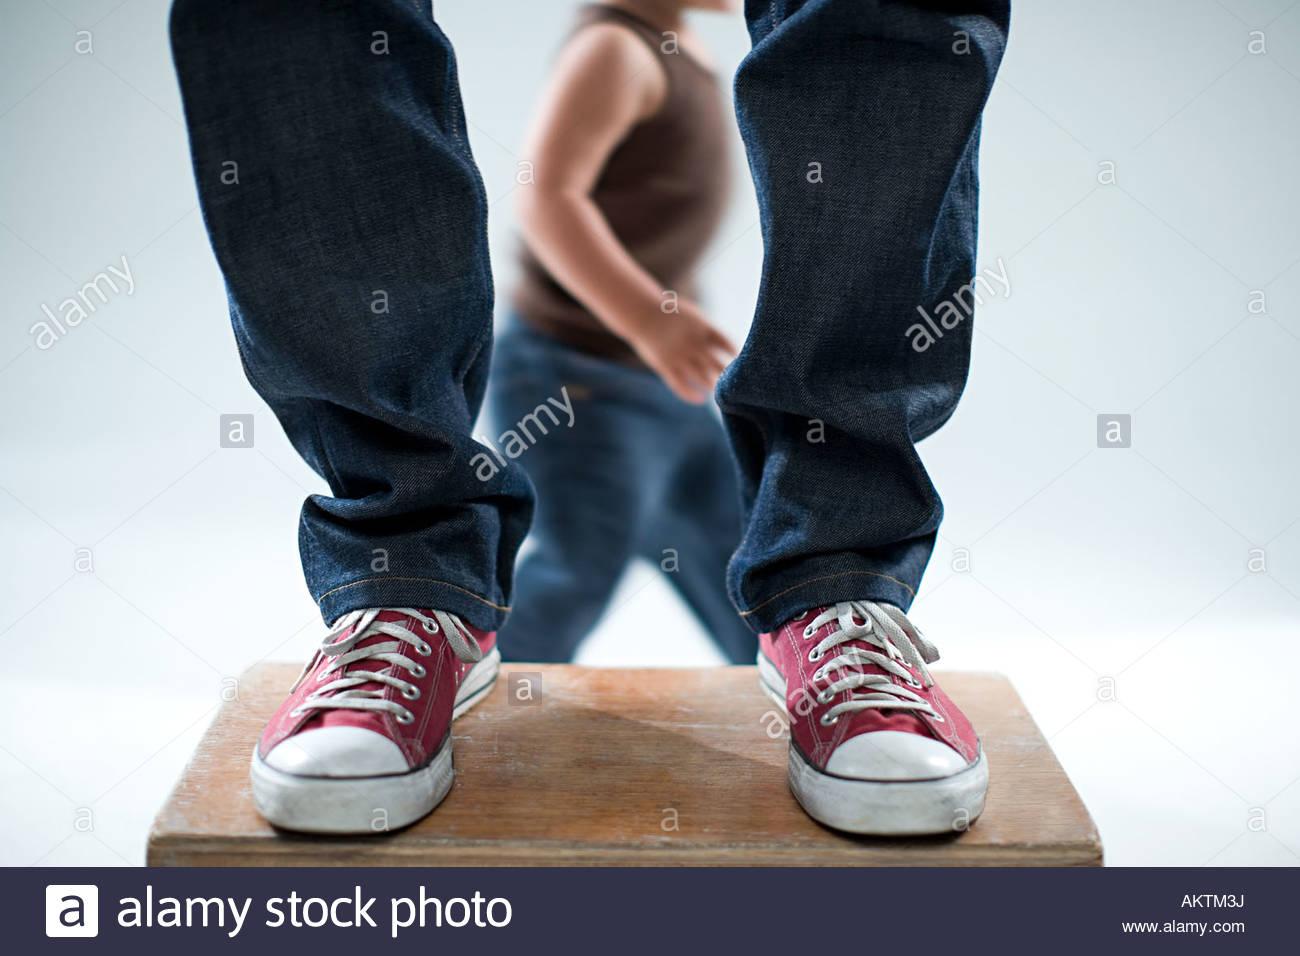 Niño y piernas de adulto Imagen De Stock